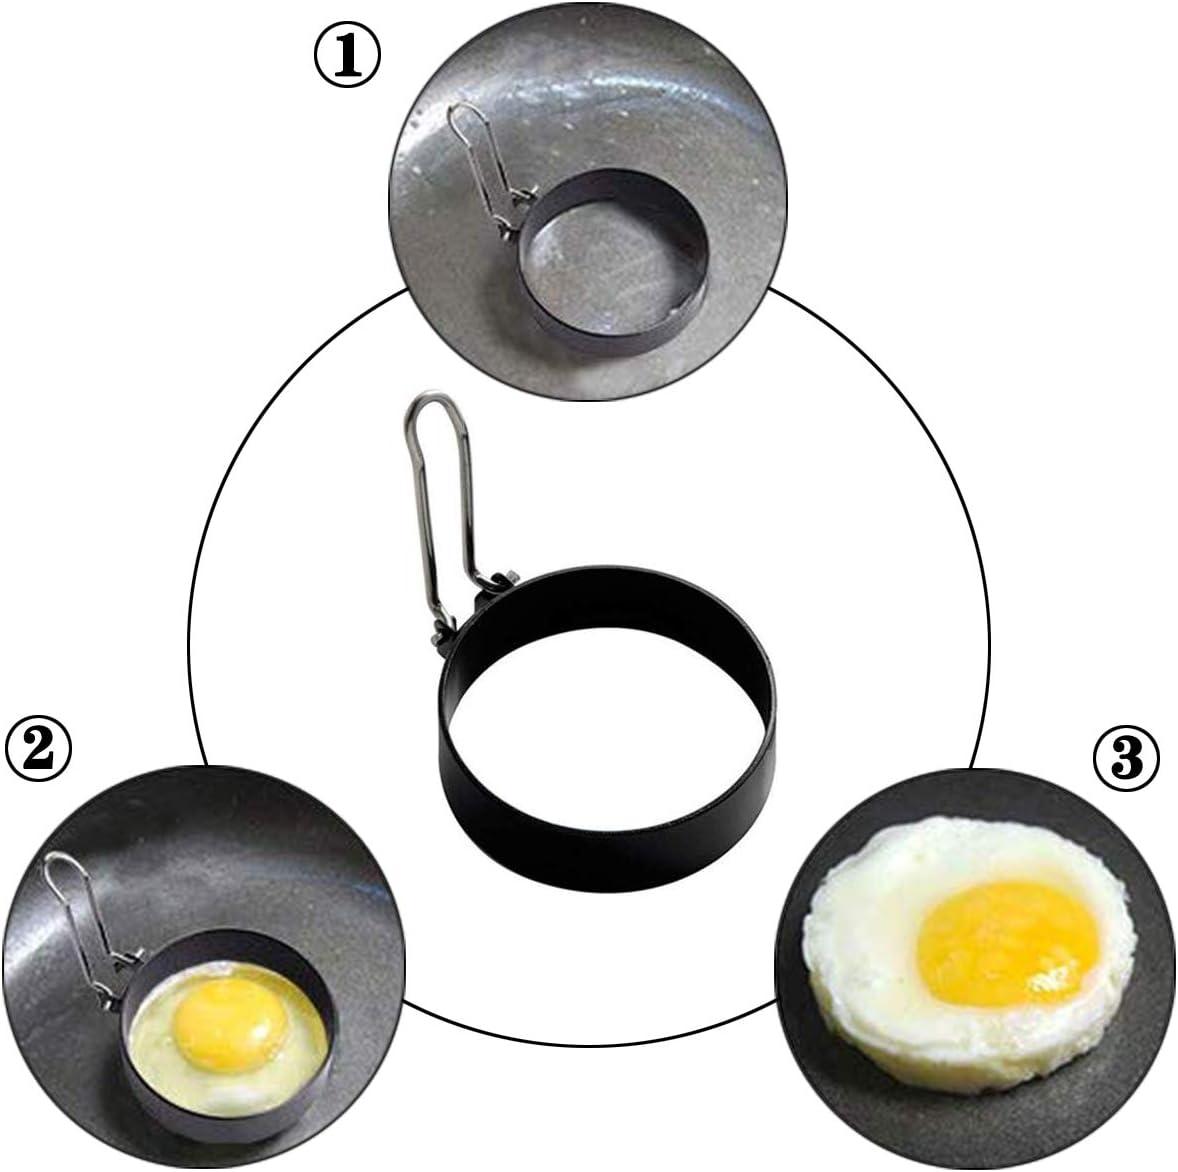 YAOYIN Lot de 4 bagues en Acier Inoxydable pour /œufs de Cuisine en Forme d/œuf 7 cm